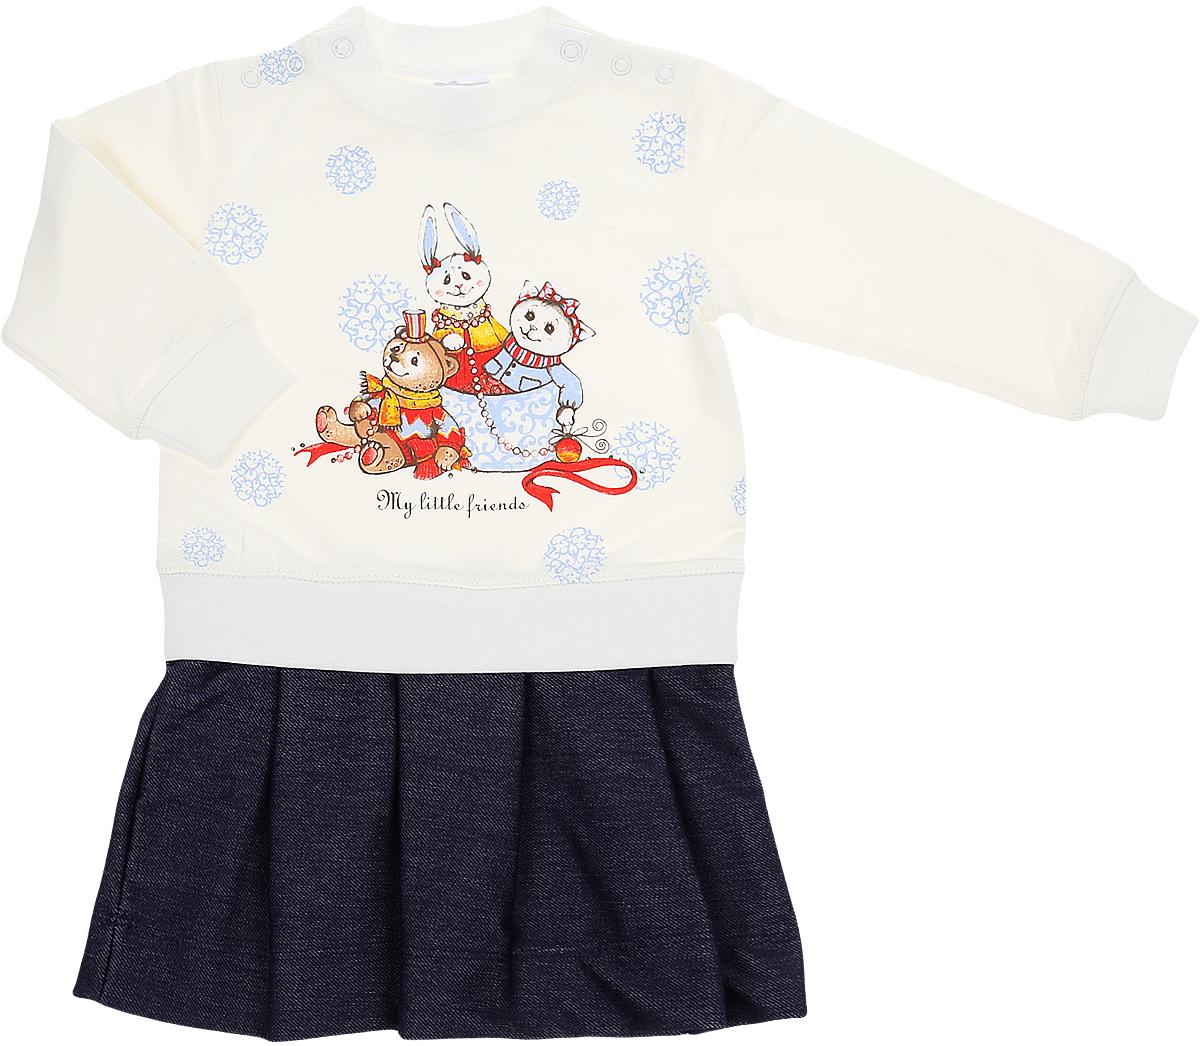 Фото - Платье Мамуляндия Зимние узоры боди для девочки мамуляндия зимние узоры цвет молочный 18 1206 размер 62